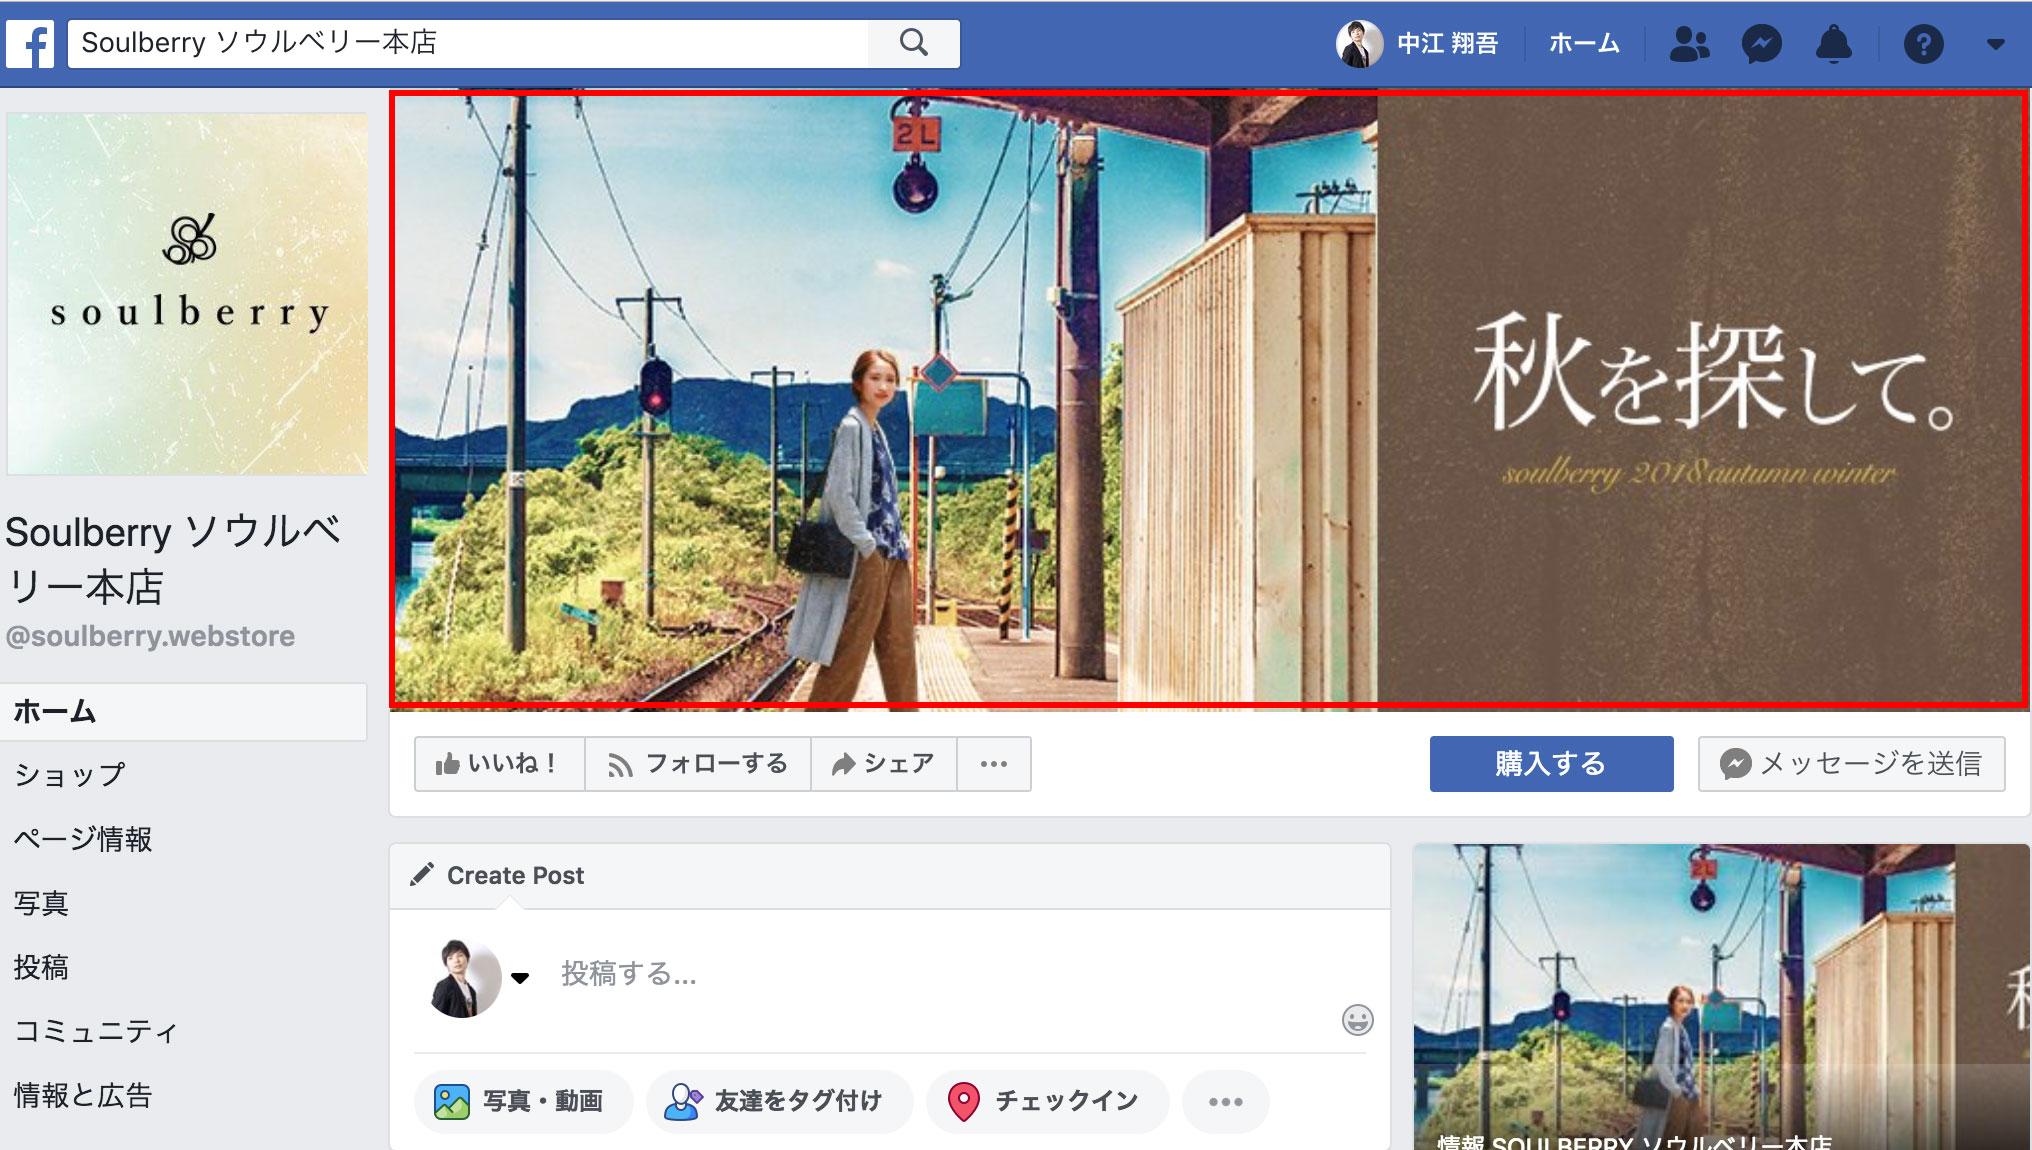 Facebookページのカバー画像のサンプル